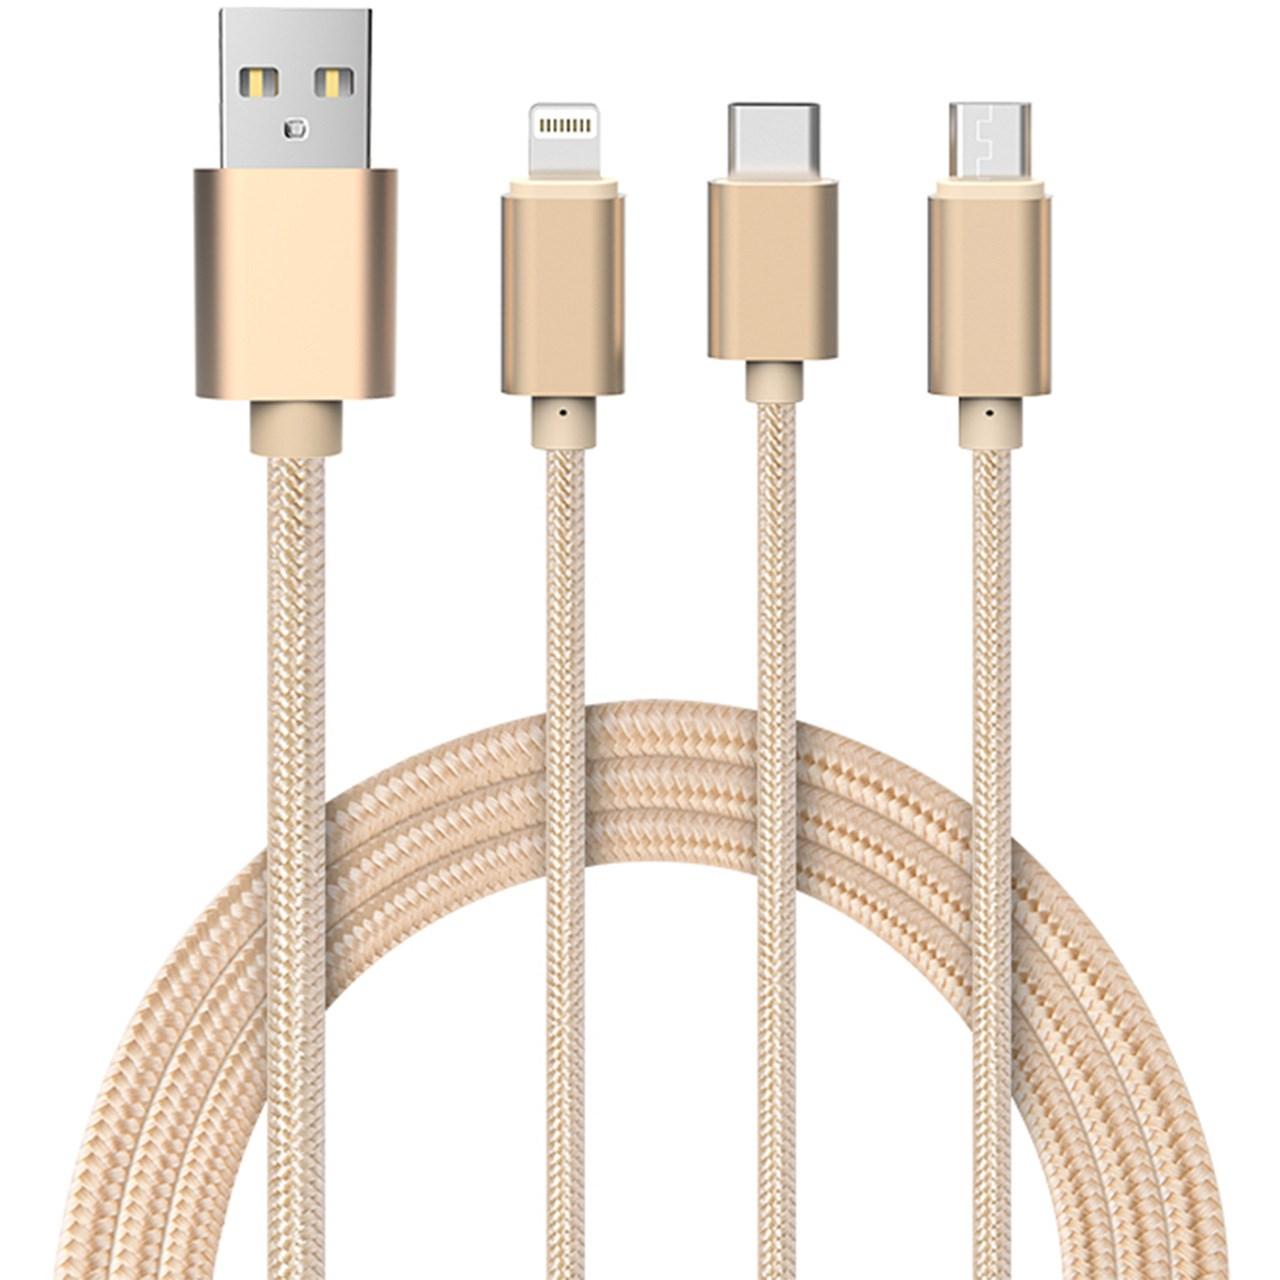 کابل تبدیل USB به microUSB/لایتنینگ/USB-C جی روم مدل S-M320 3 In 1 به طول 1.28 متر